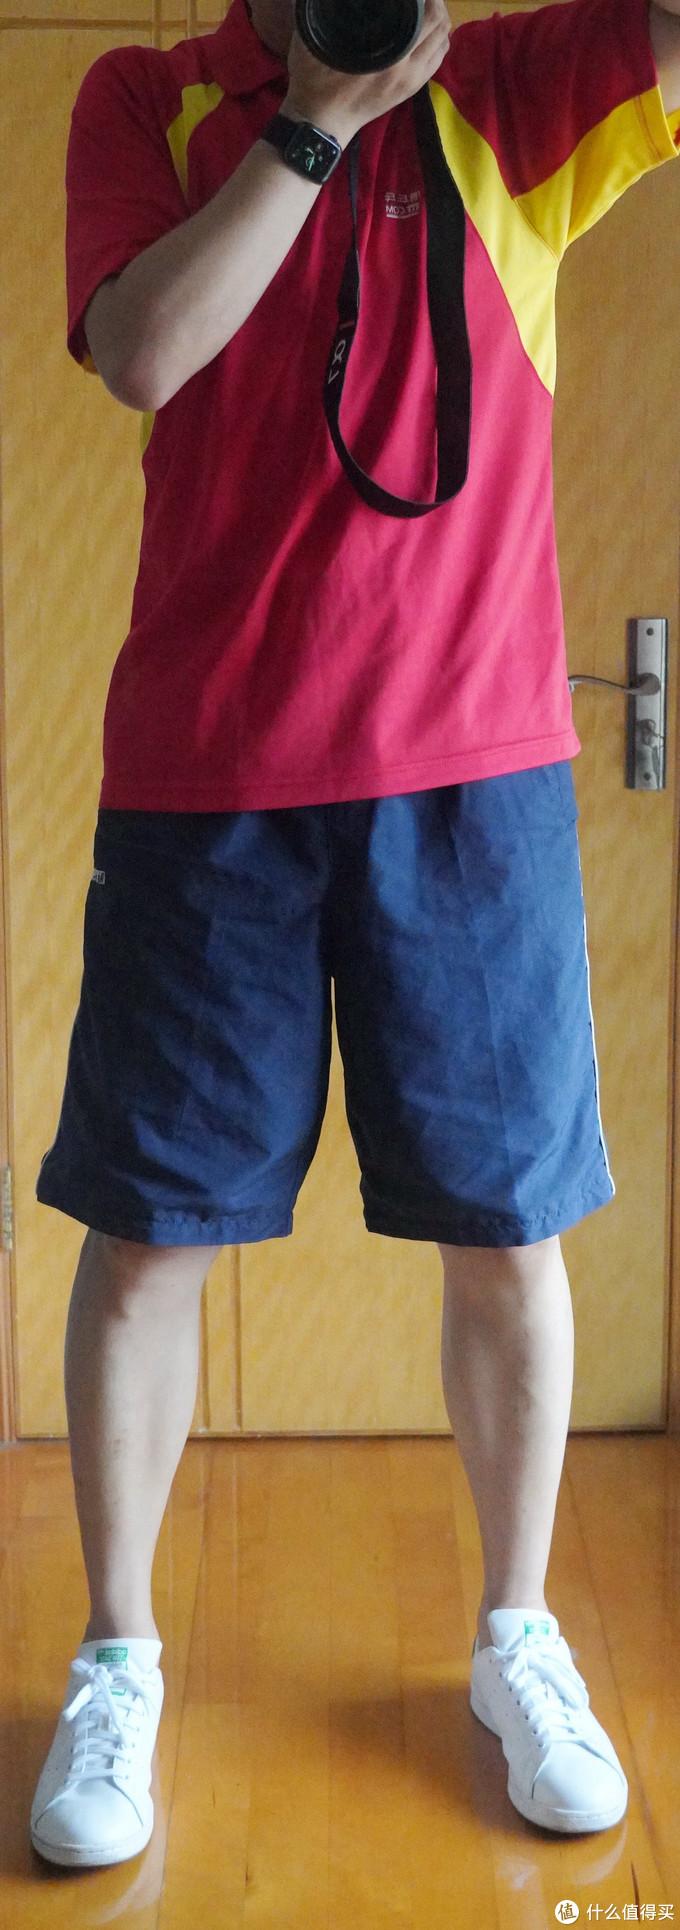 好穿不贵,款式功用各不同,说说这个夏天穿得最多次的几条短裤